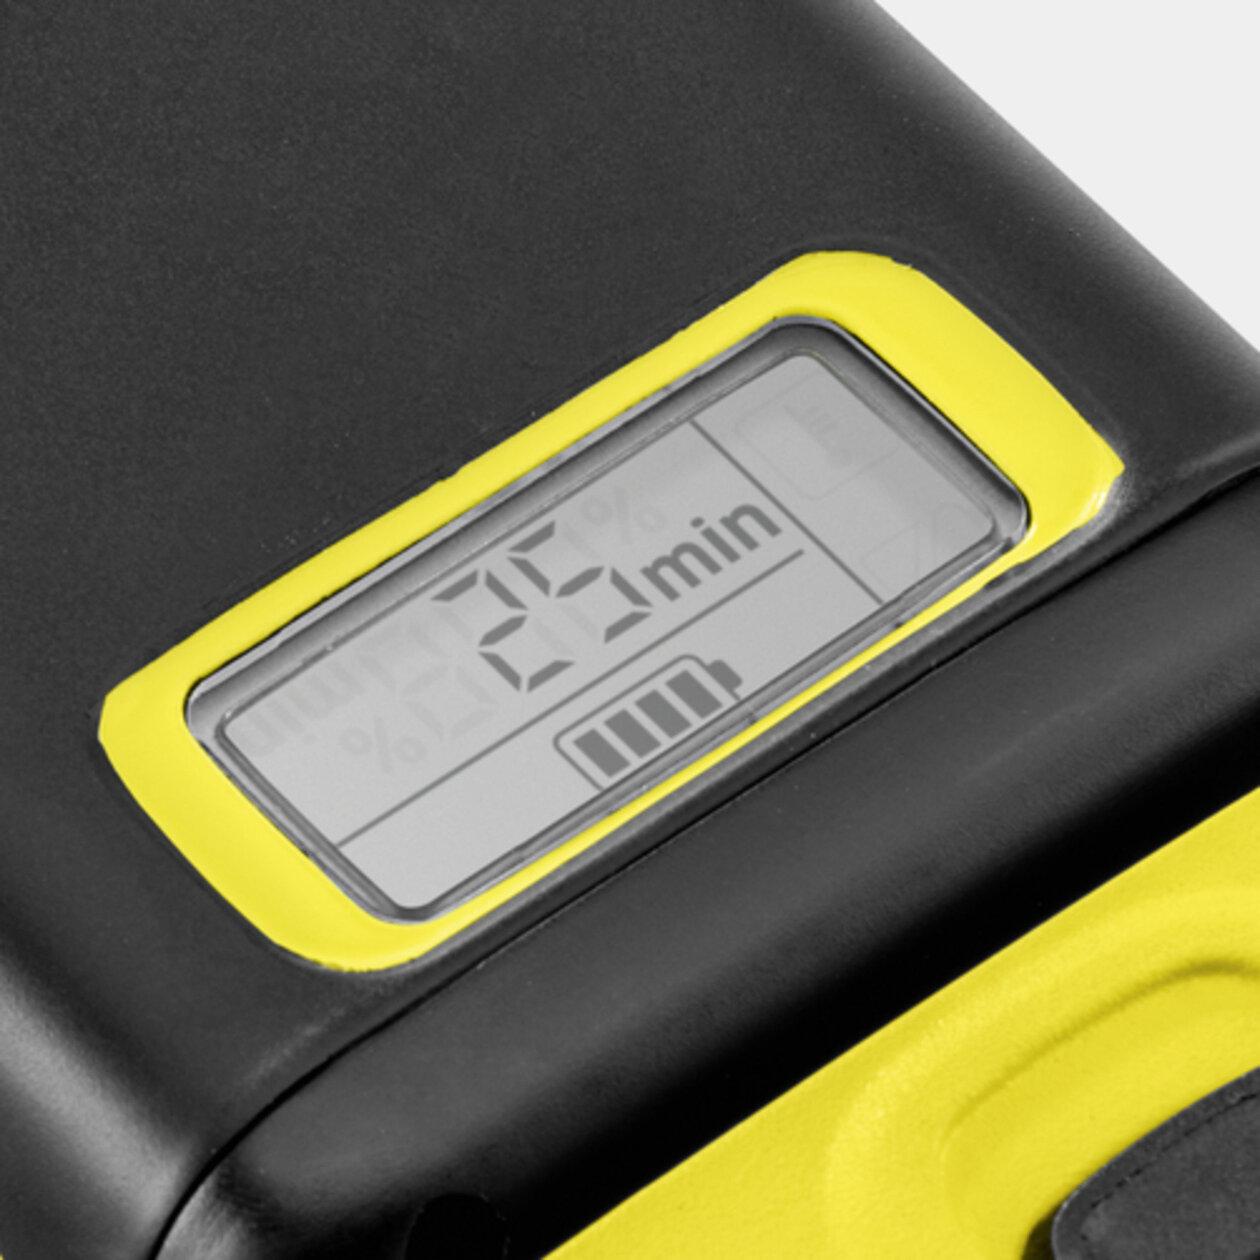 Batéria 36 V/ 5,0 Ah: Inovačná technológia reálneho času